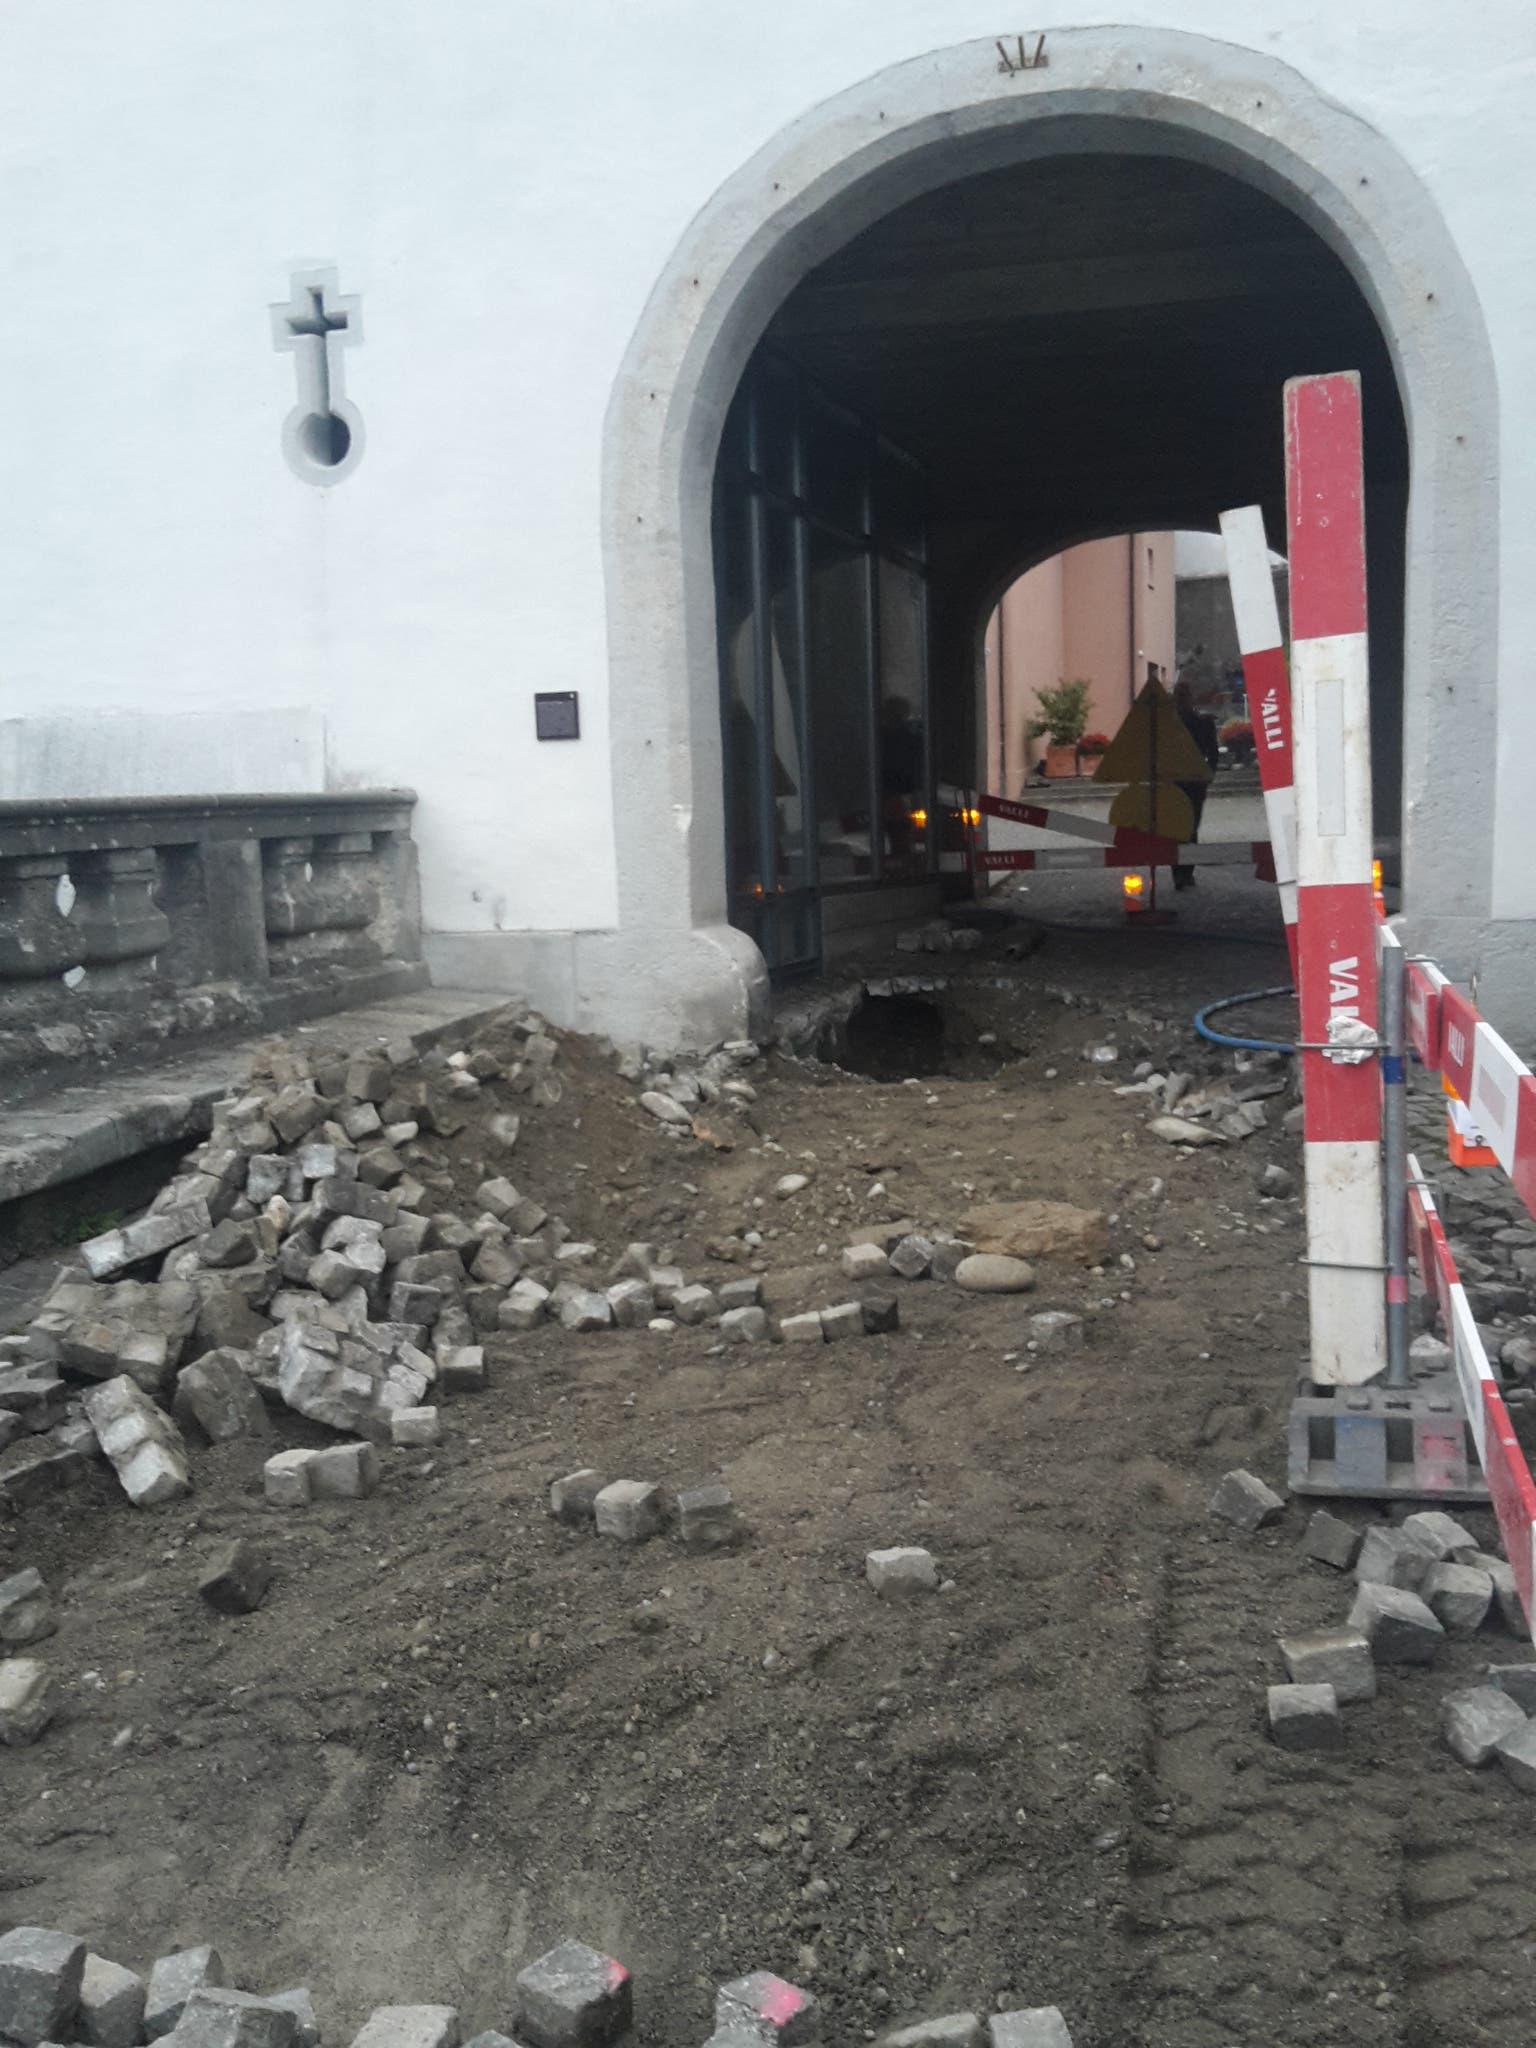 Spektakulärer Wasserrohrbruch in der Altstadt – Strasse gesperrt